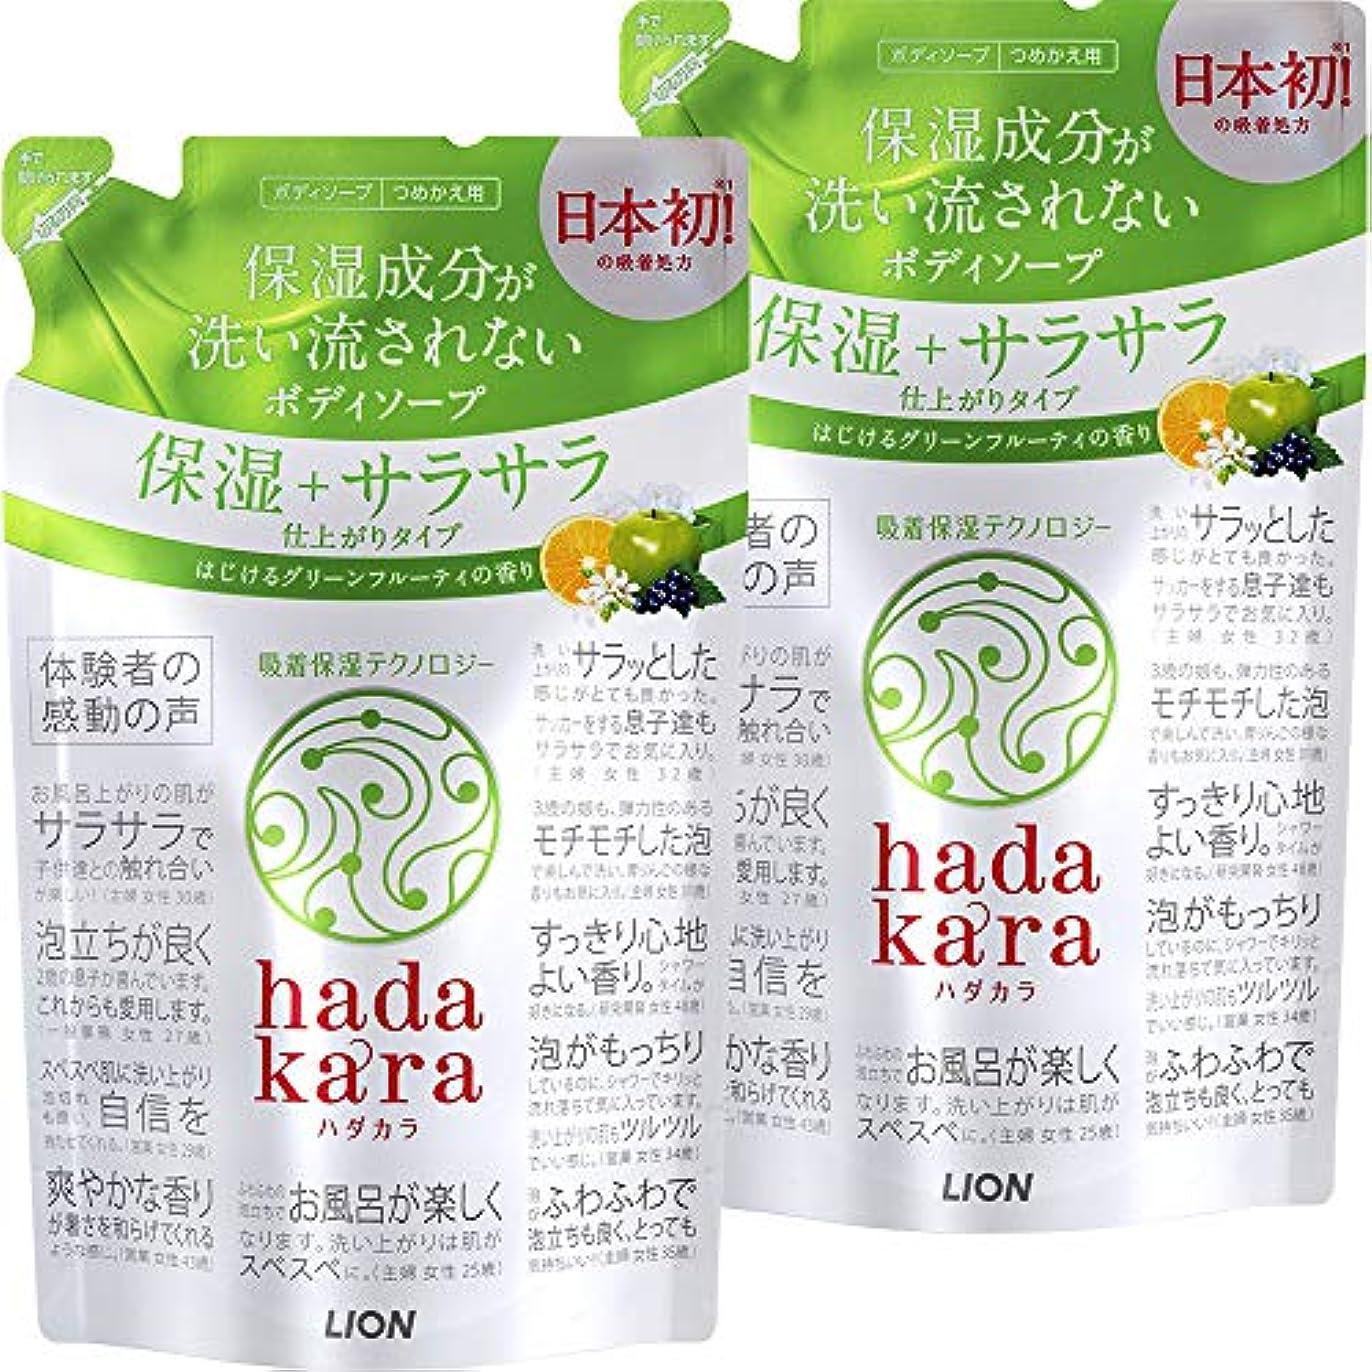 報酬ロープ腕【まとめ買い】hadakara(ハダカラ) ボディソープ 保湿+サラサラ仕上がりタイプ グリーンフルーティの香り 詰め替え 340ml×2個パック